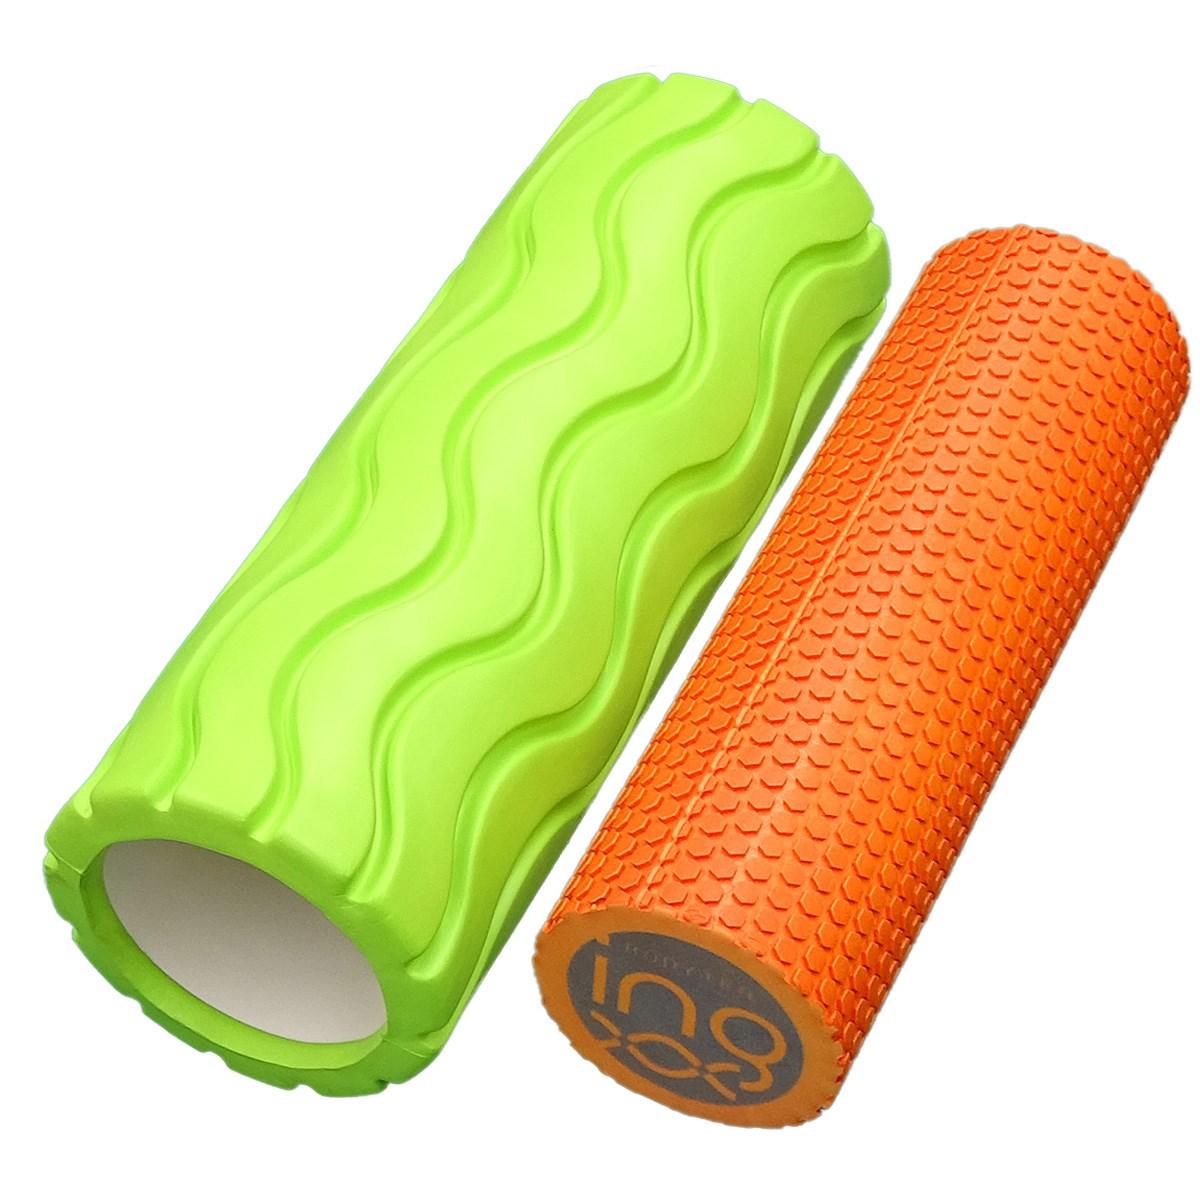 朝日ゴルフ用品(ASAHI GOLF CO.,LTD) Bodyトレ 筋膜リリース ツインフォームローラー らくらくツインローラー